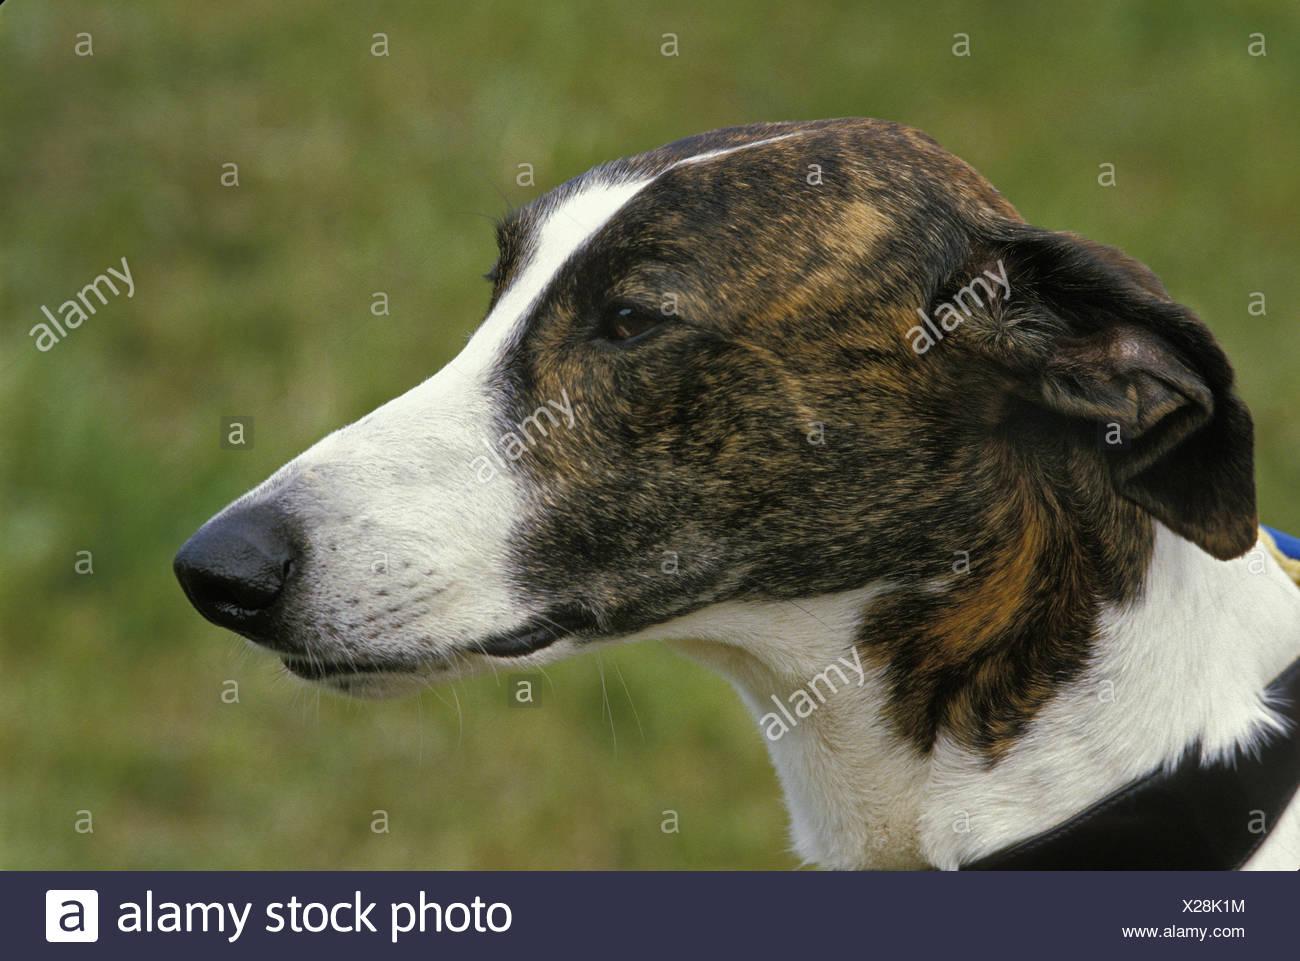 Magyar Agar, Hungarian Greyhound - Stock Image